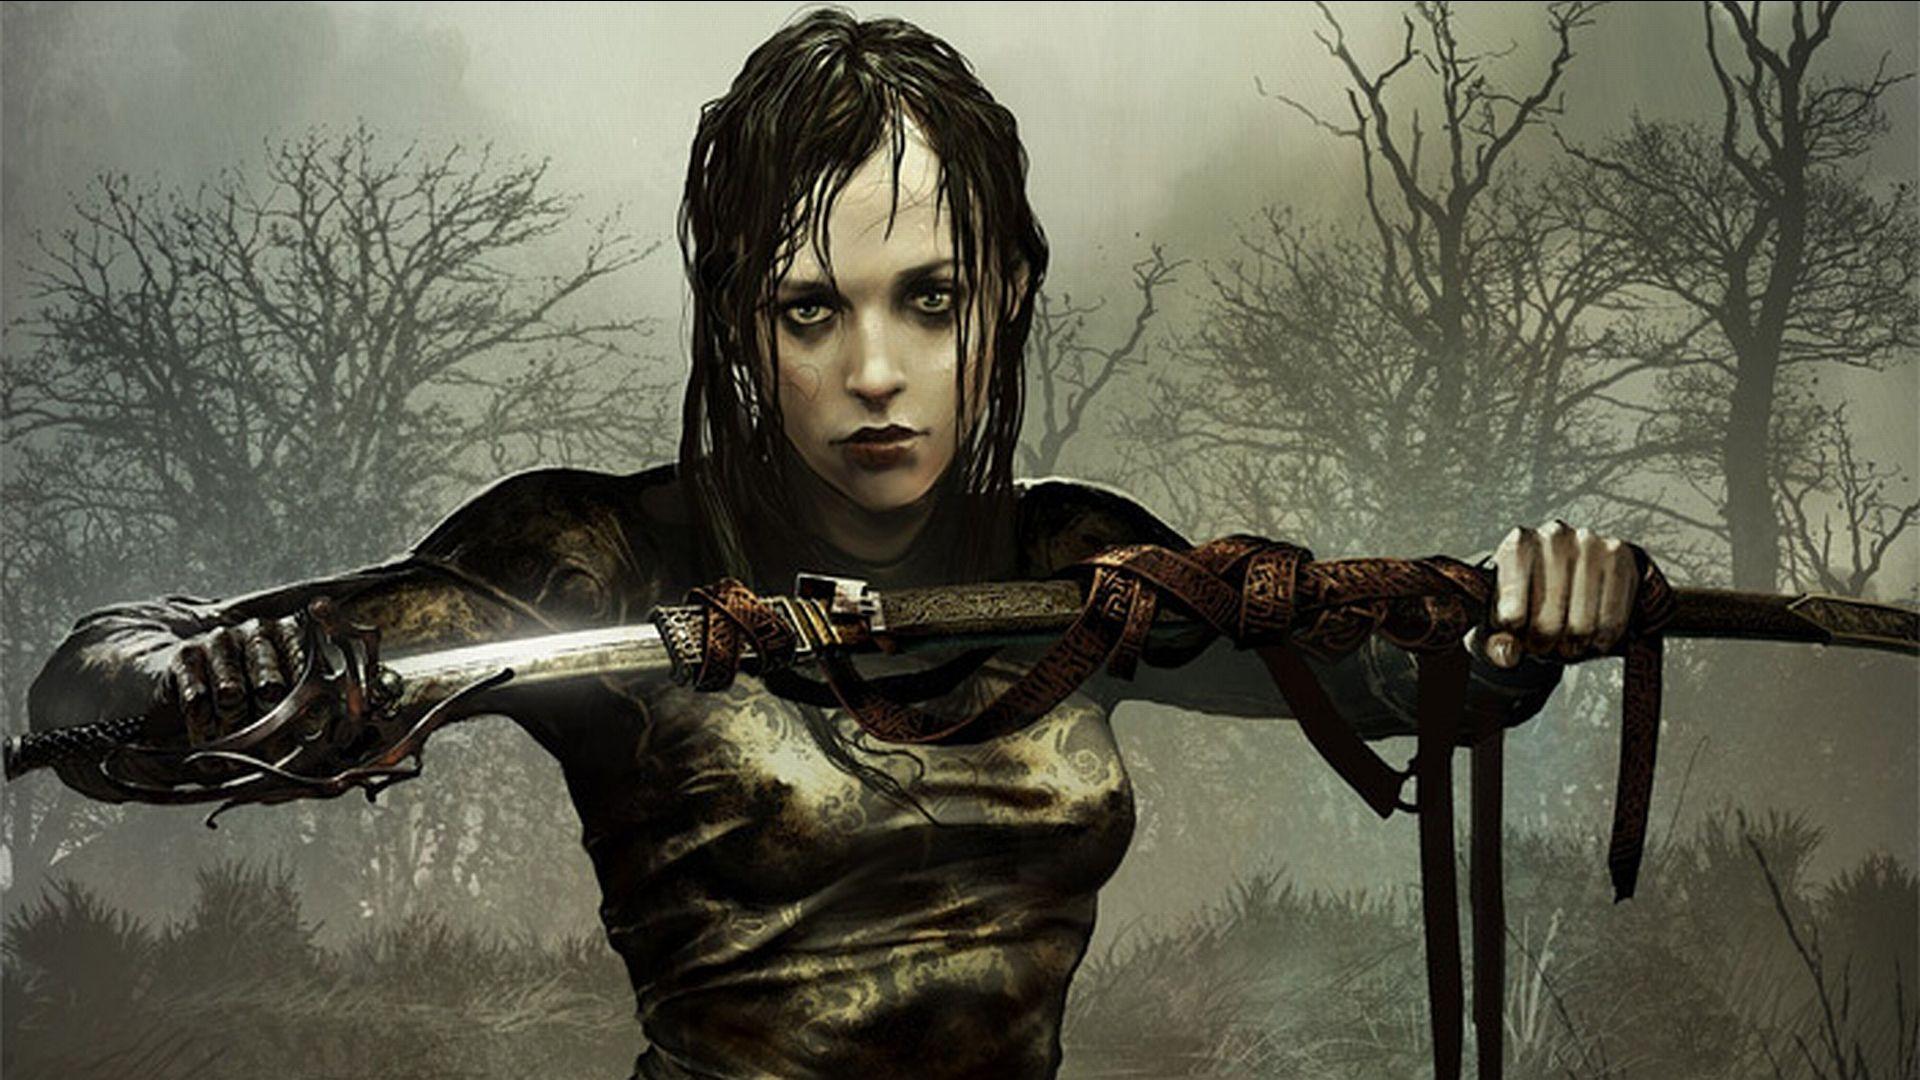 Gothic warrior women nackt pictures